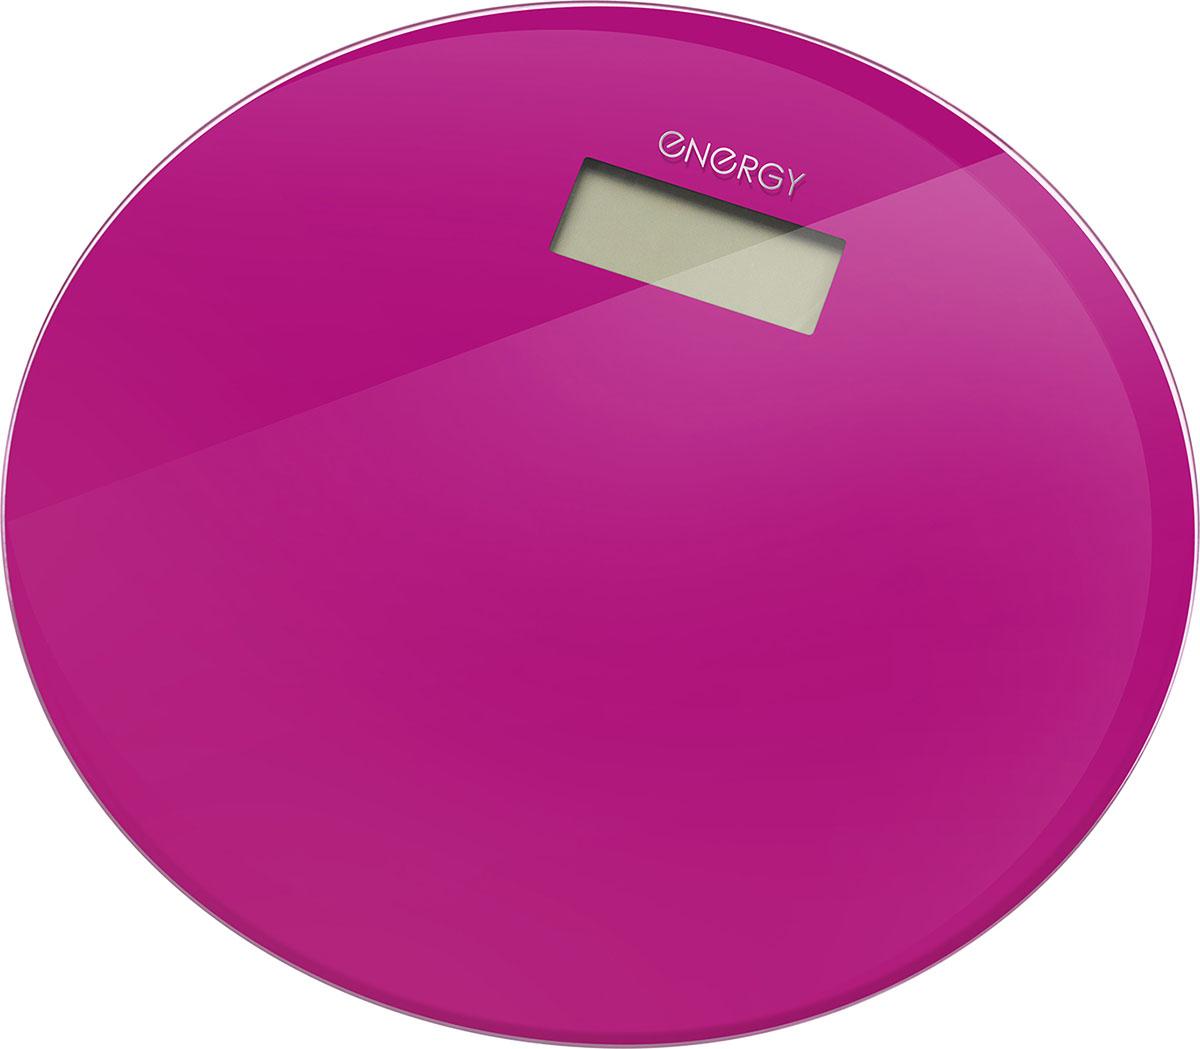 Energy EN-420 RIO, Pink напольные весы54 003496Напольные электронные весы Energy EN-420 RIO - неотъемлемый атрибут здорового образа жизни. Они необходимы тем, кто следит за своим здоровьем, весом, ведет активный образ жизни, занимается спортом и фитнесом. Очень удобны для будущих мам, постоянно контролирующих прибавку в весе, также рекомендуются родителям, внимательно следящим за весом своих детей.